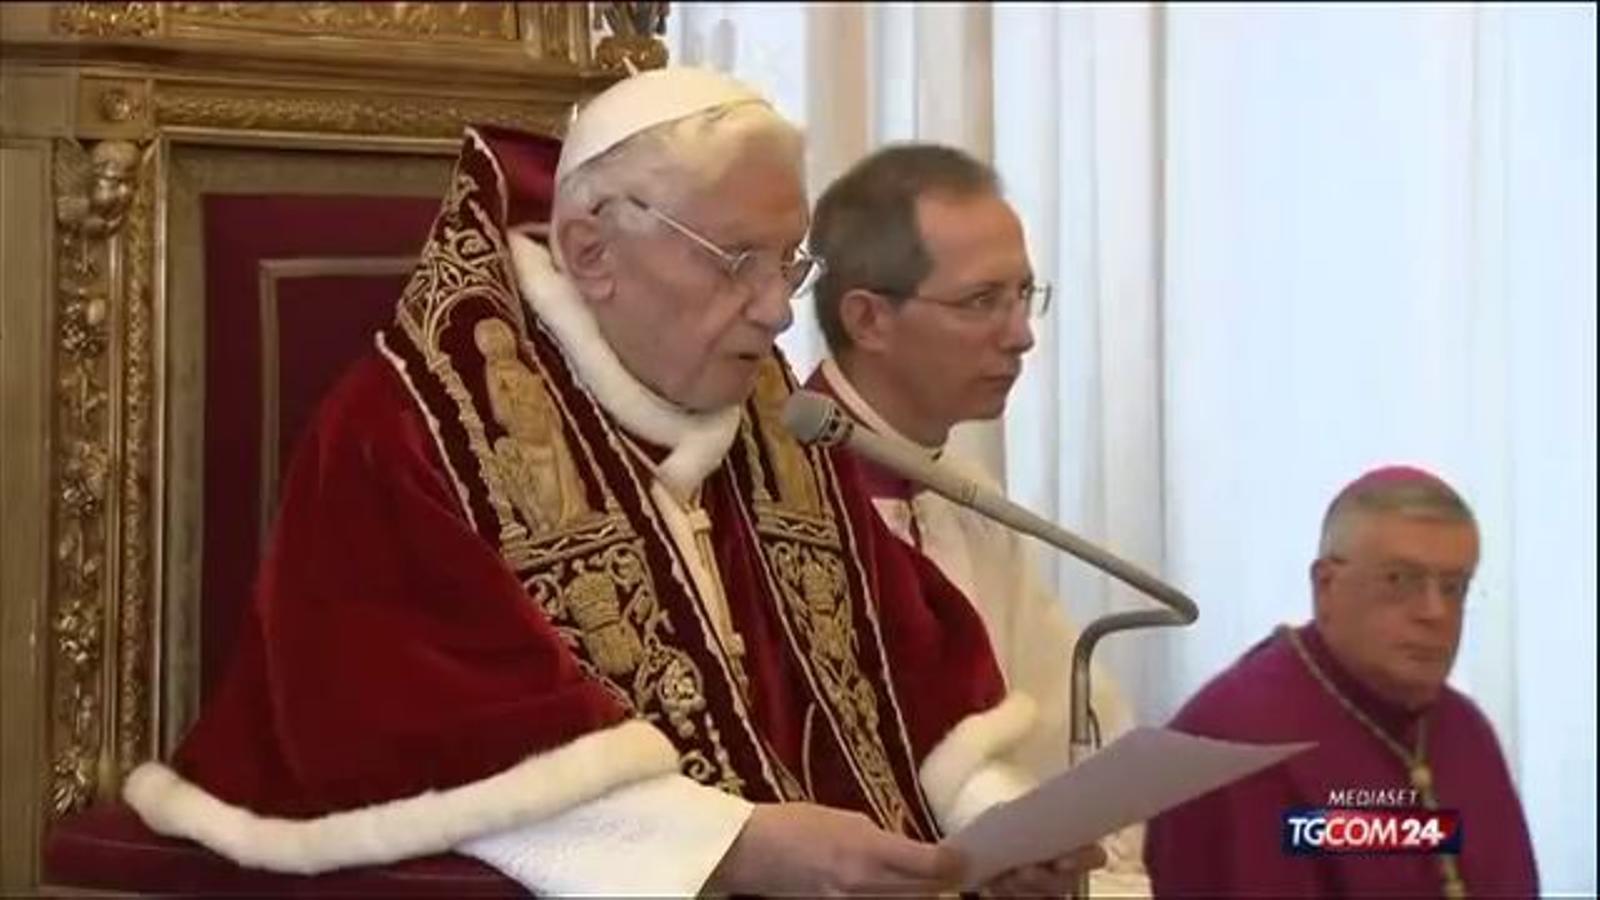 El papa Benet XVI renuncia